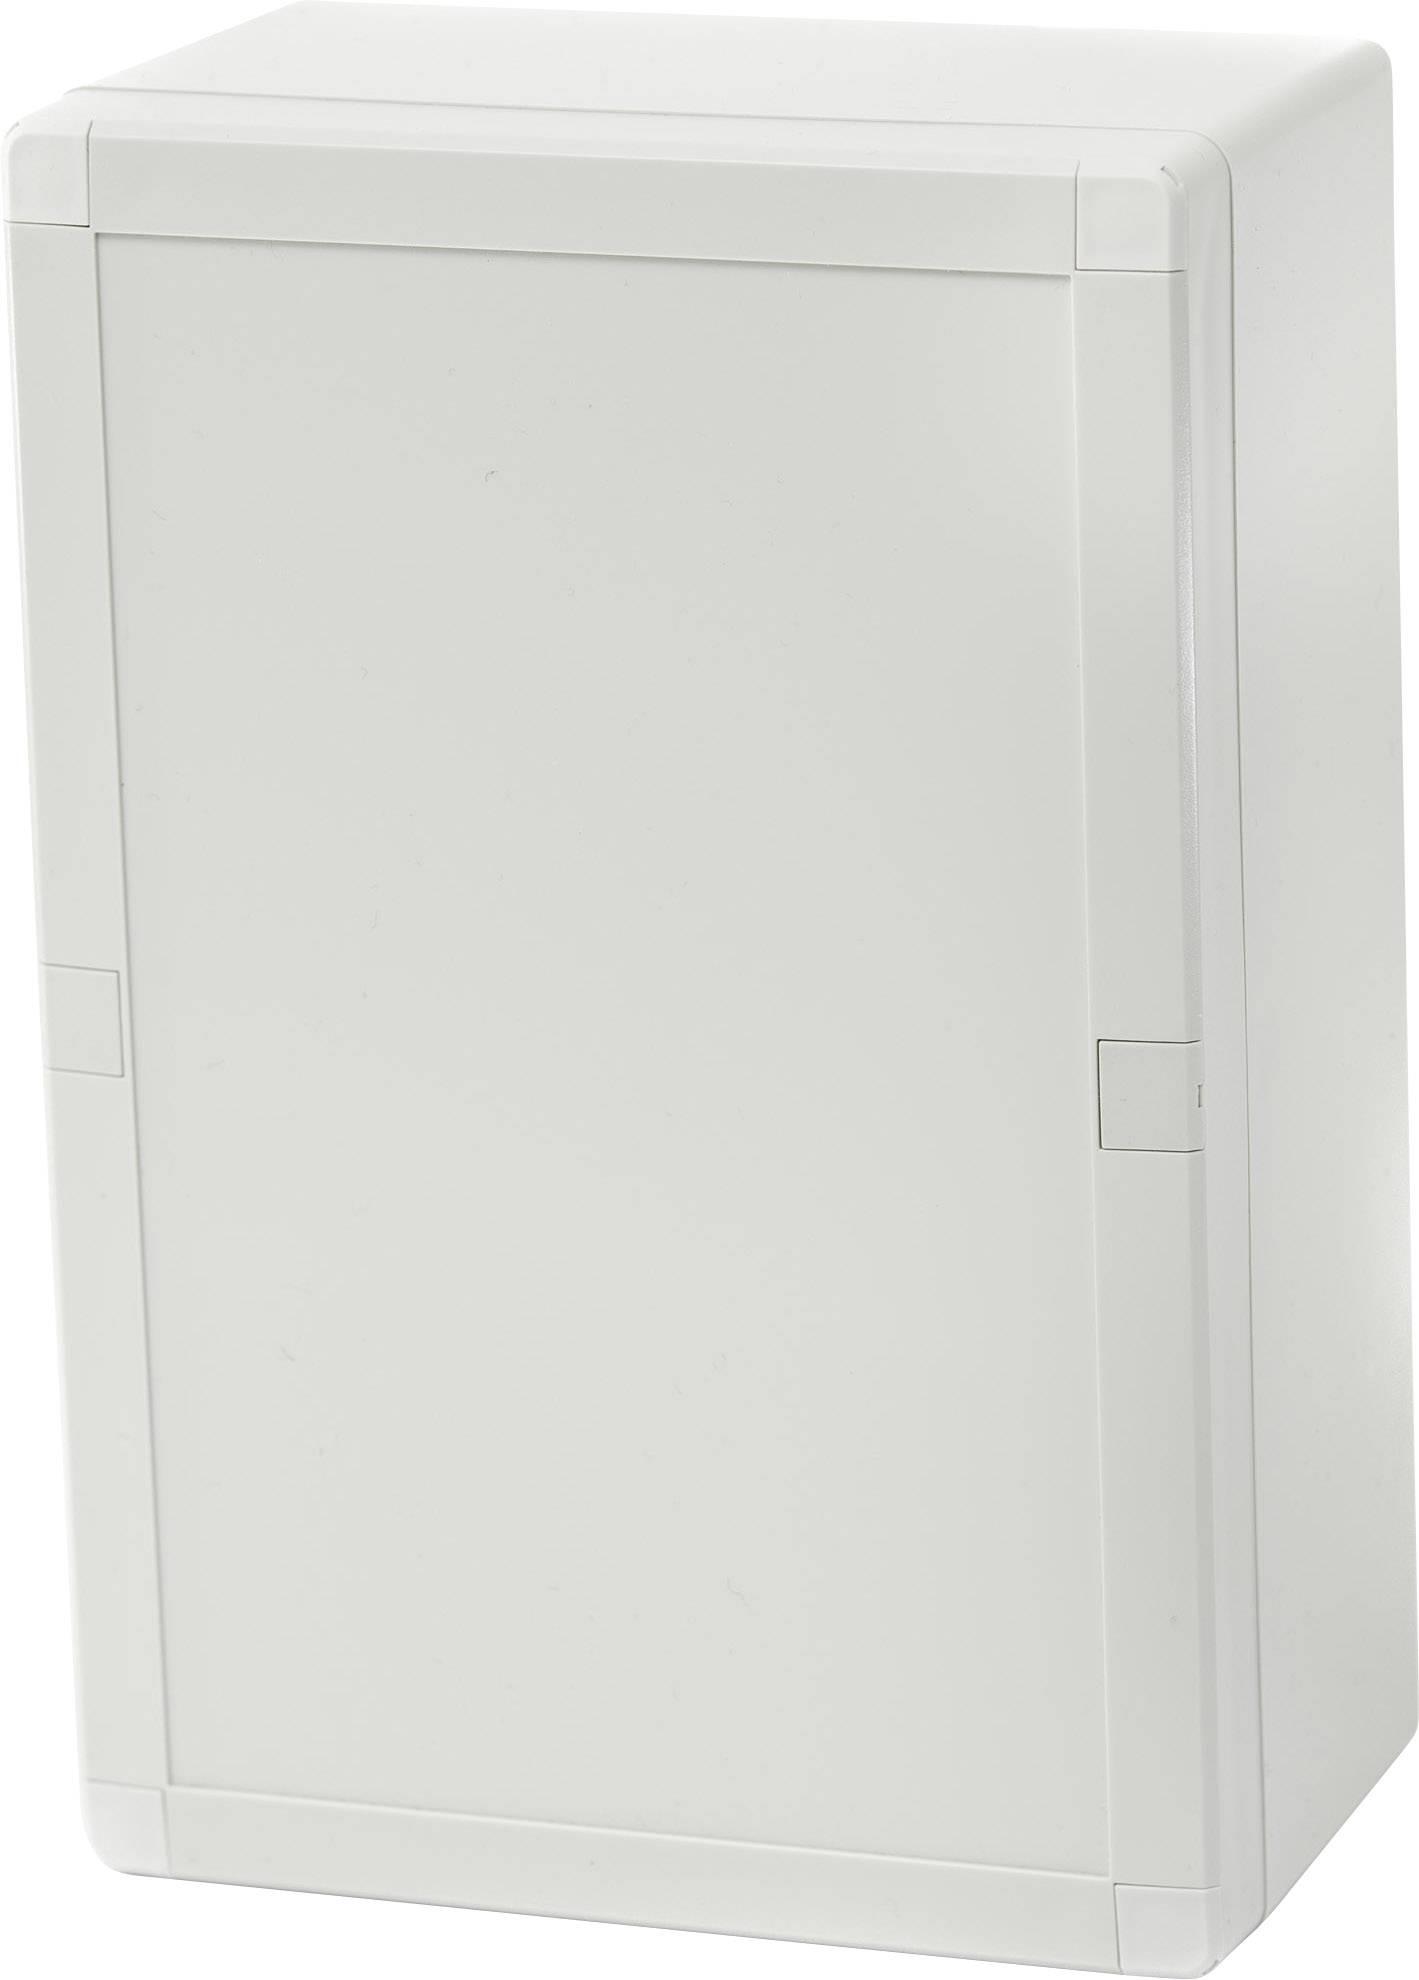 Puzdro na stenu, inštalačná krabička Fibox EURONORD 3 ABQ3 162409 7085811, (d x š x v) 244 x 164 x 90 mm, ABS, svetlo sivá (RAL 7035), 1 ks